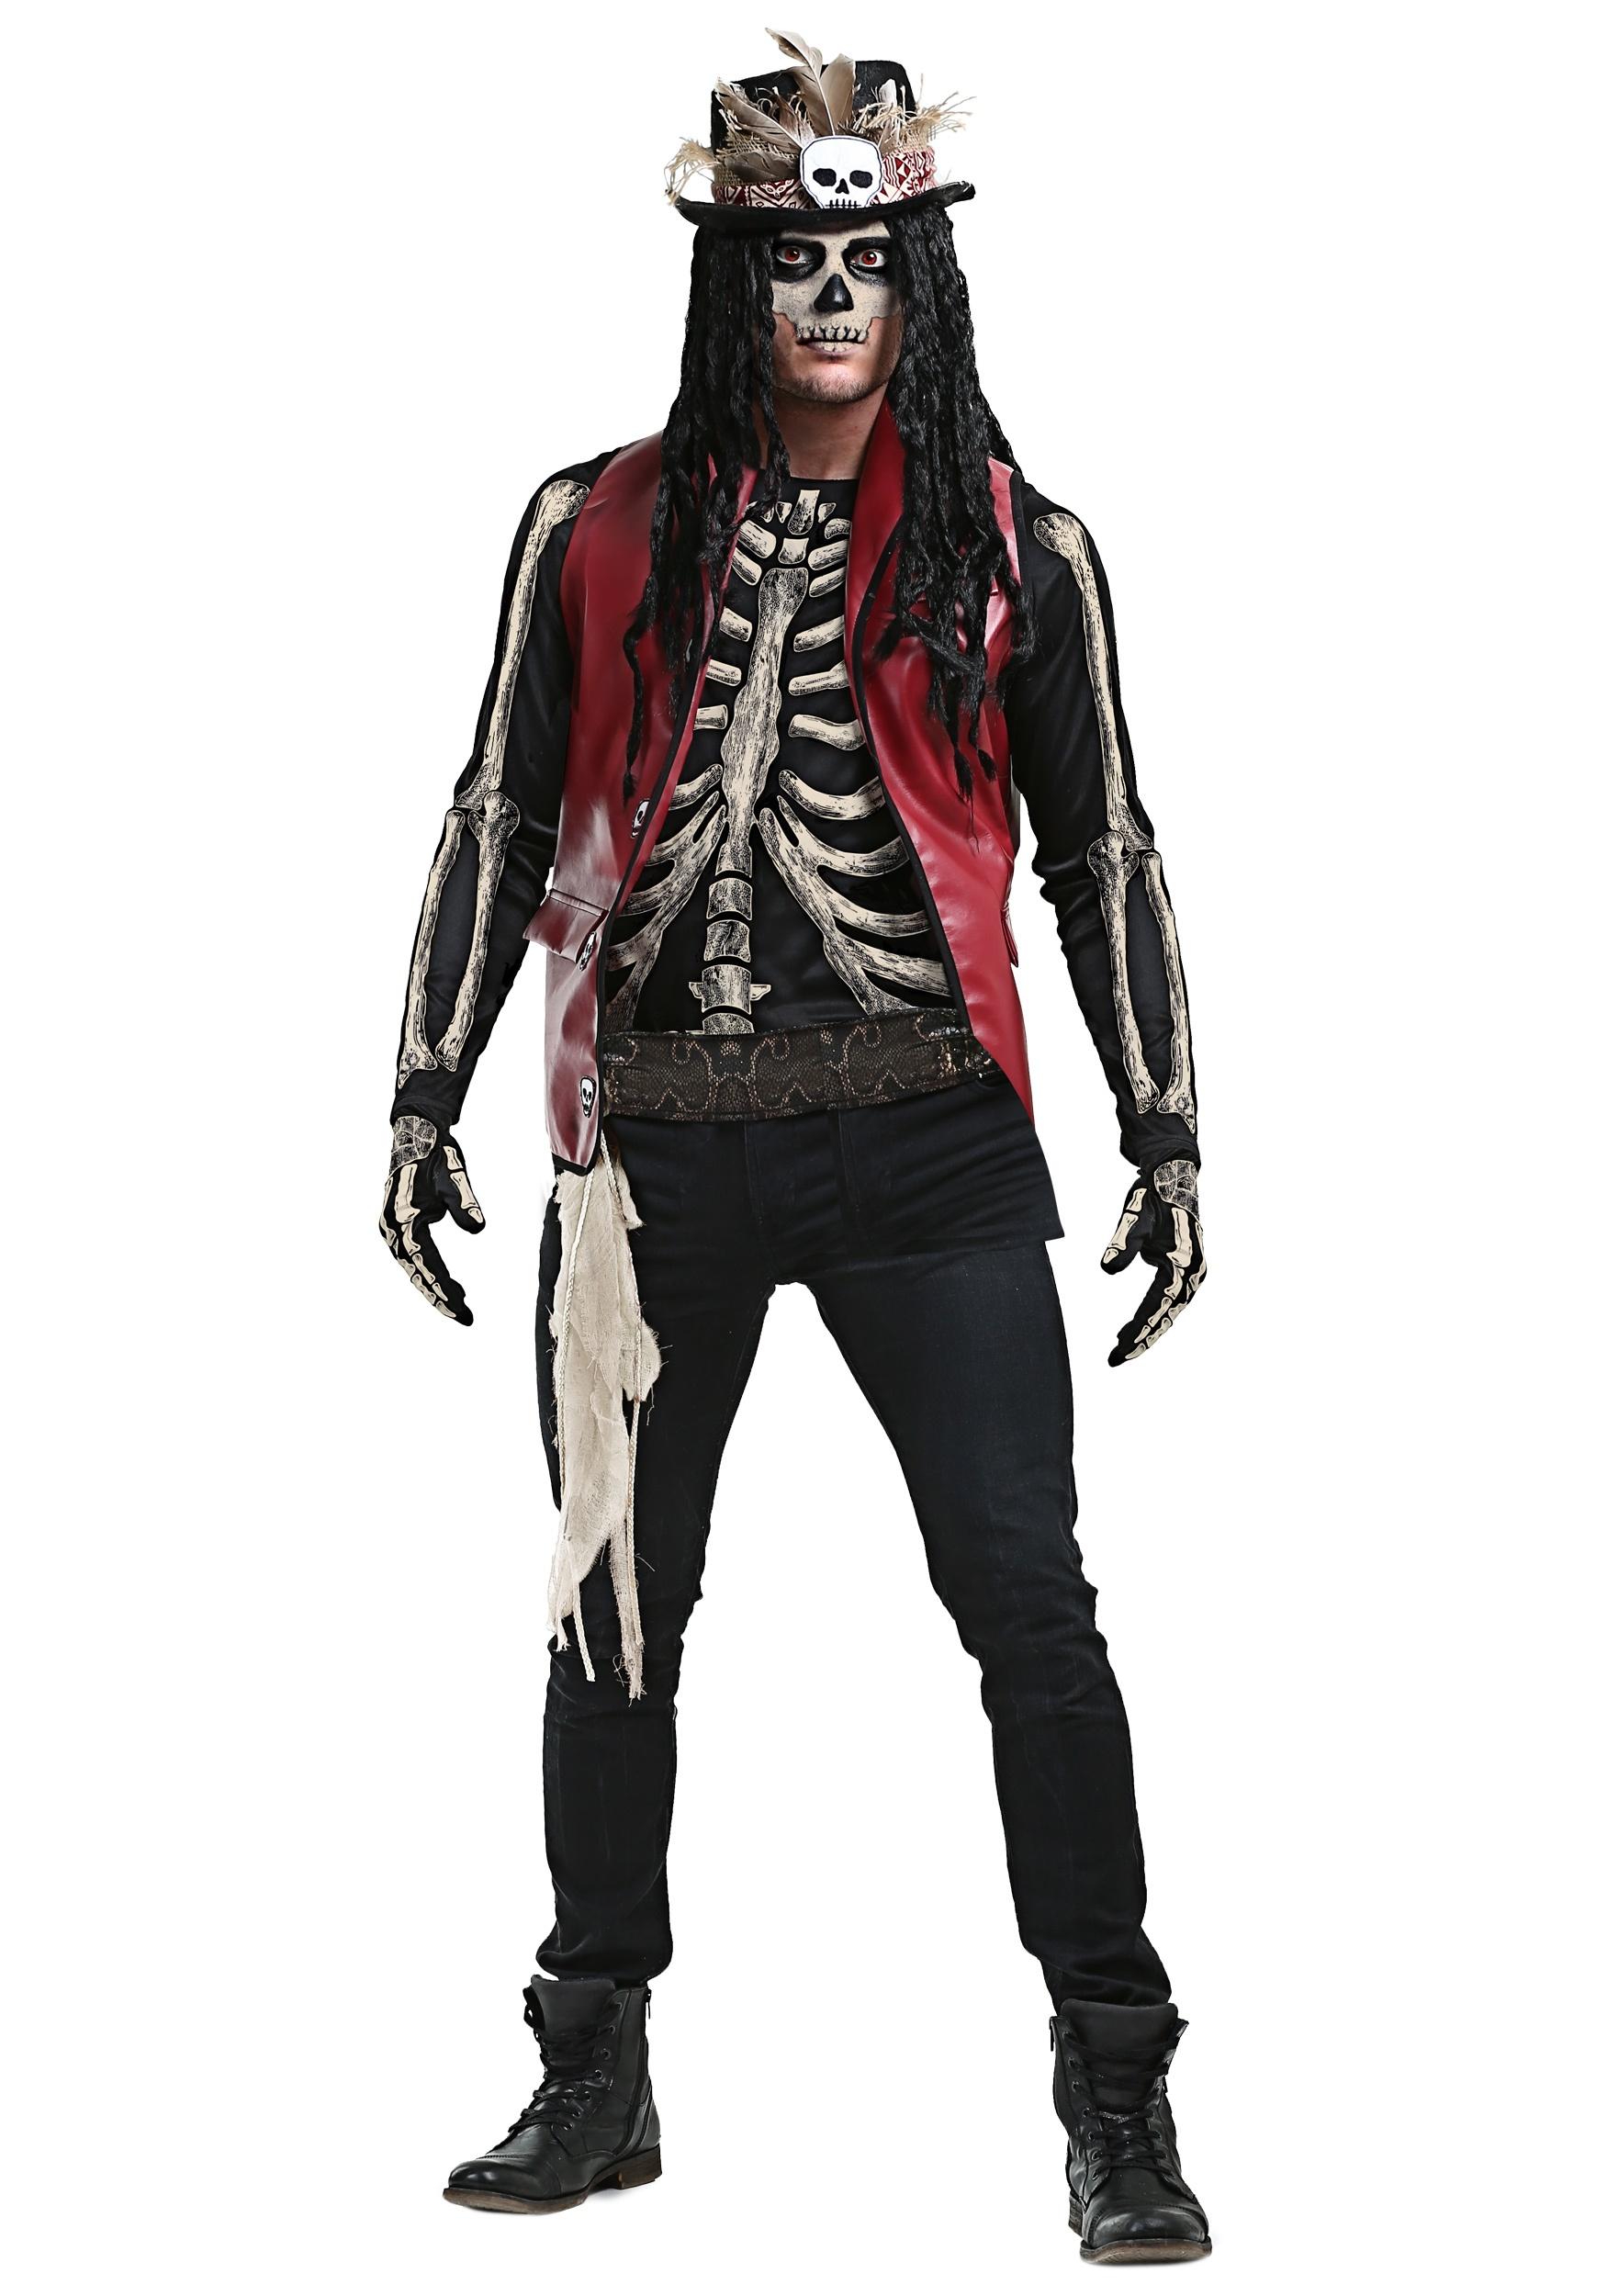 Voodoo Doctor Costume for Men